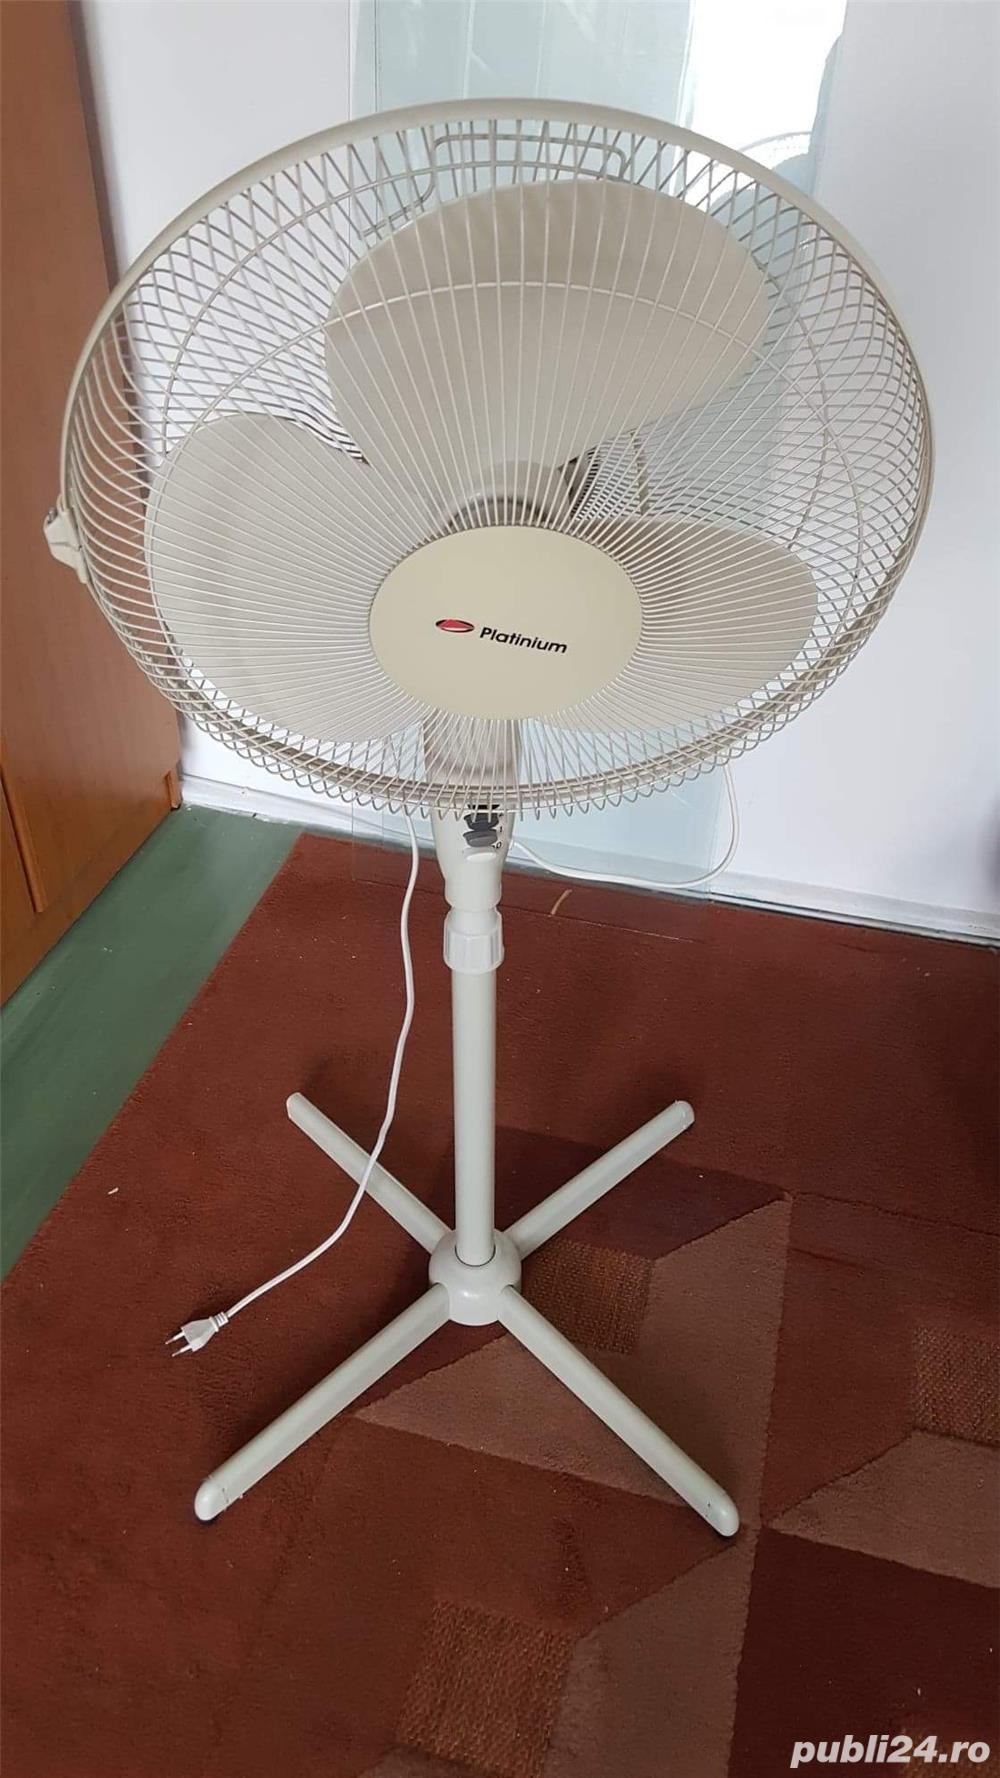 Ventilator electric cu picior in stare foarte buna